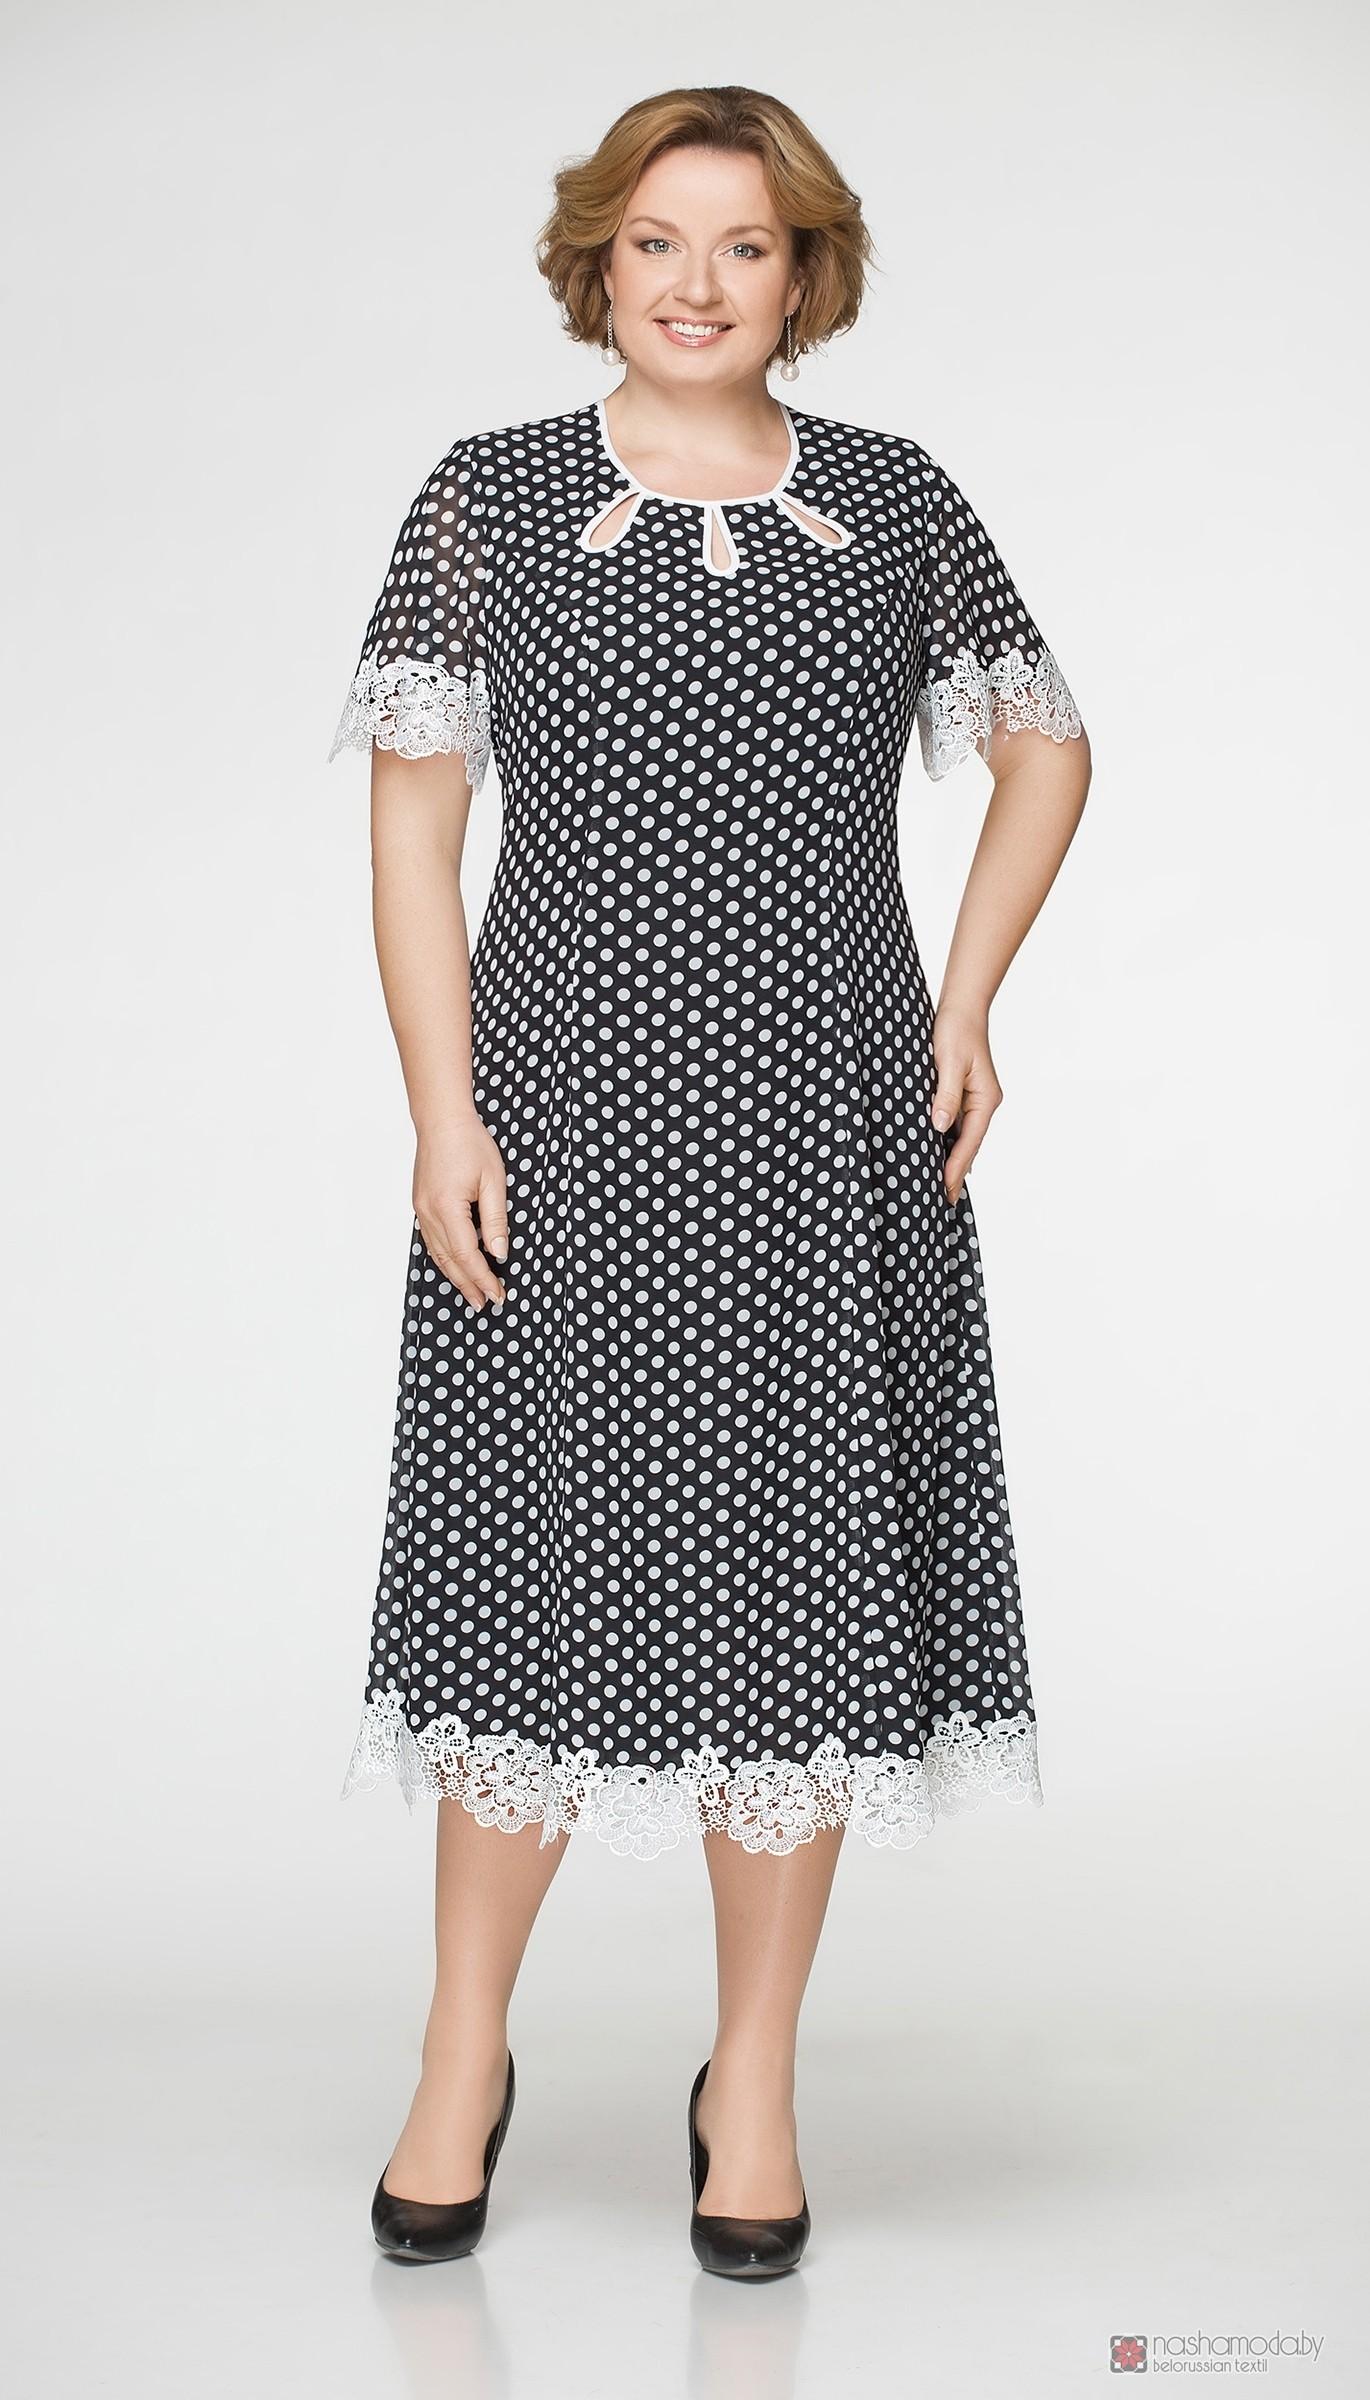 933a998f4fd Повседневные платья Aira Style 468 дизайн кружева 1.